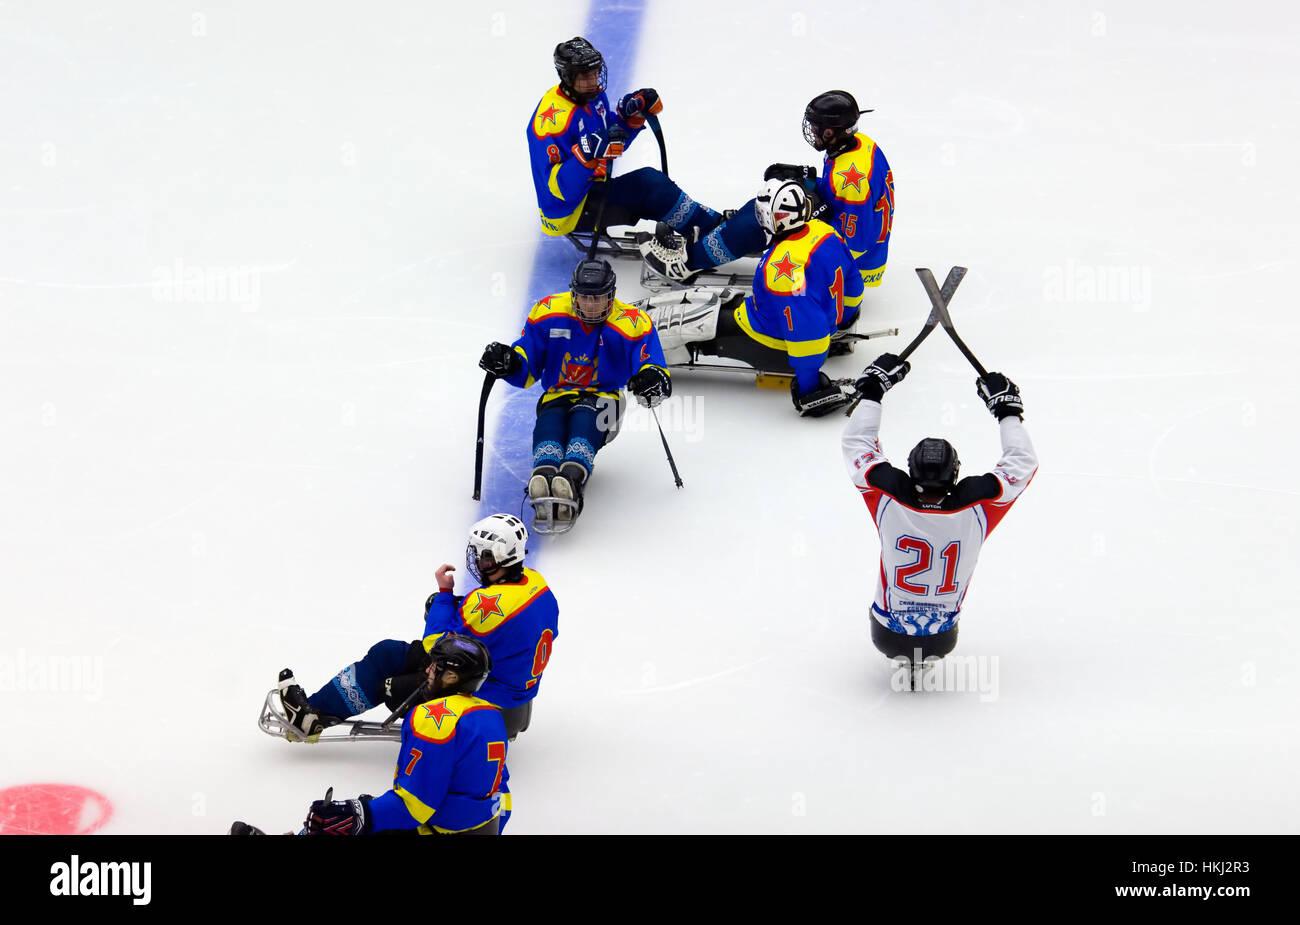 PODOLSK, Russland - 14. Januar 2017: Unbekannte Spieler Ladoga (blau) und Zvezda (weiß) Team von Sledge Hockey während Stockfoto